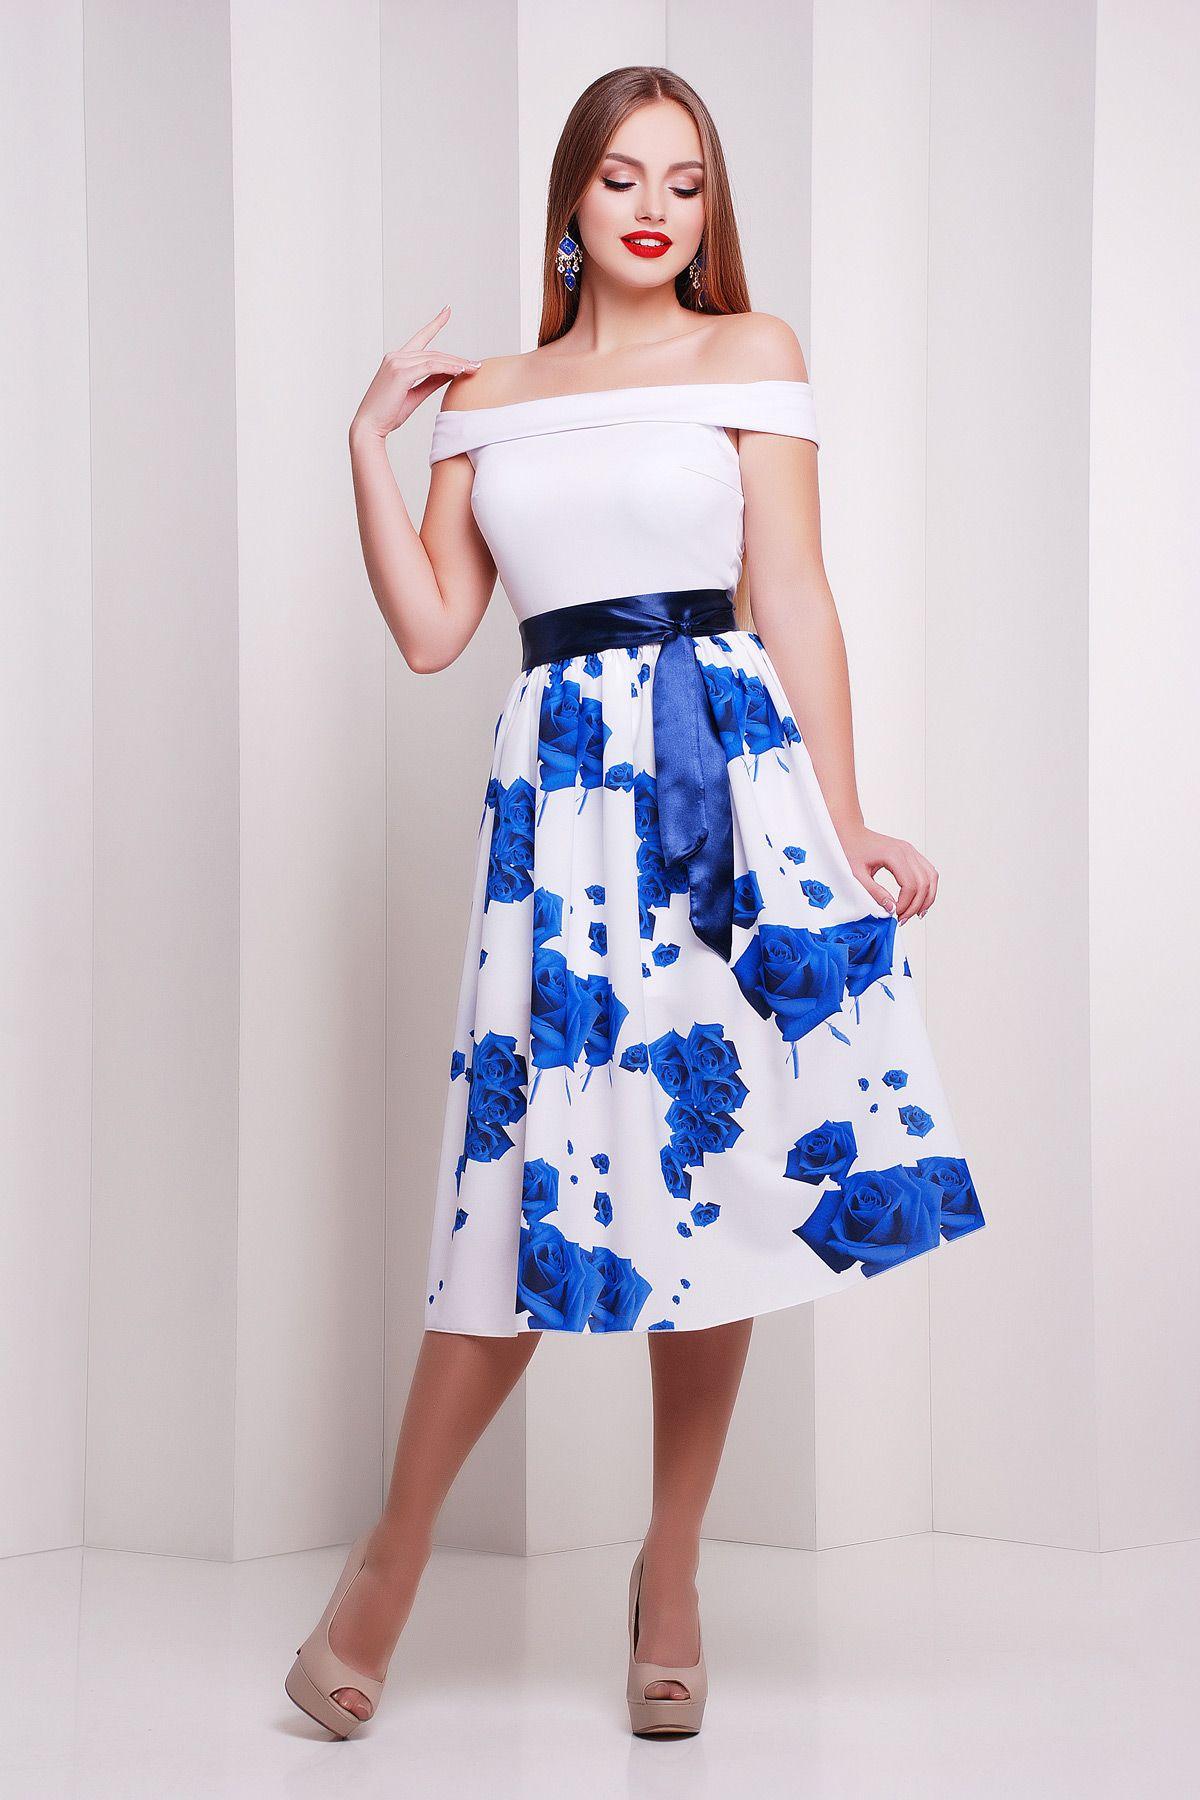 Красивое платье на сезон весна-лето с открытыми плечами и пышной юбкой.  Розы синие db6f61d830544